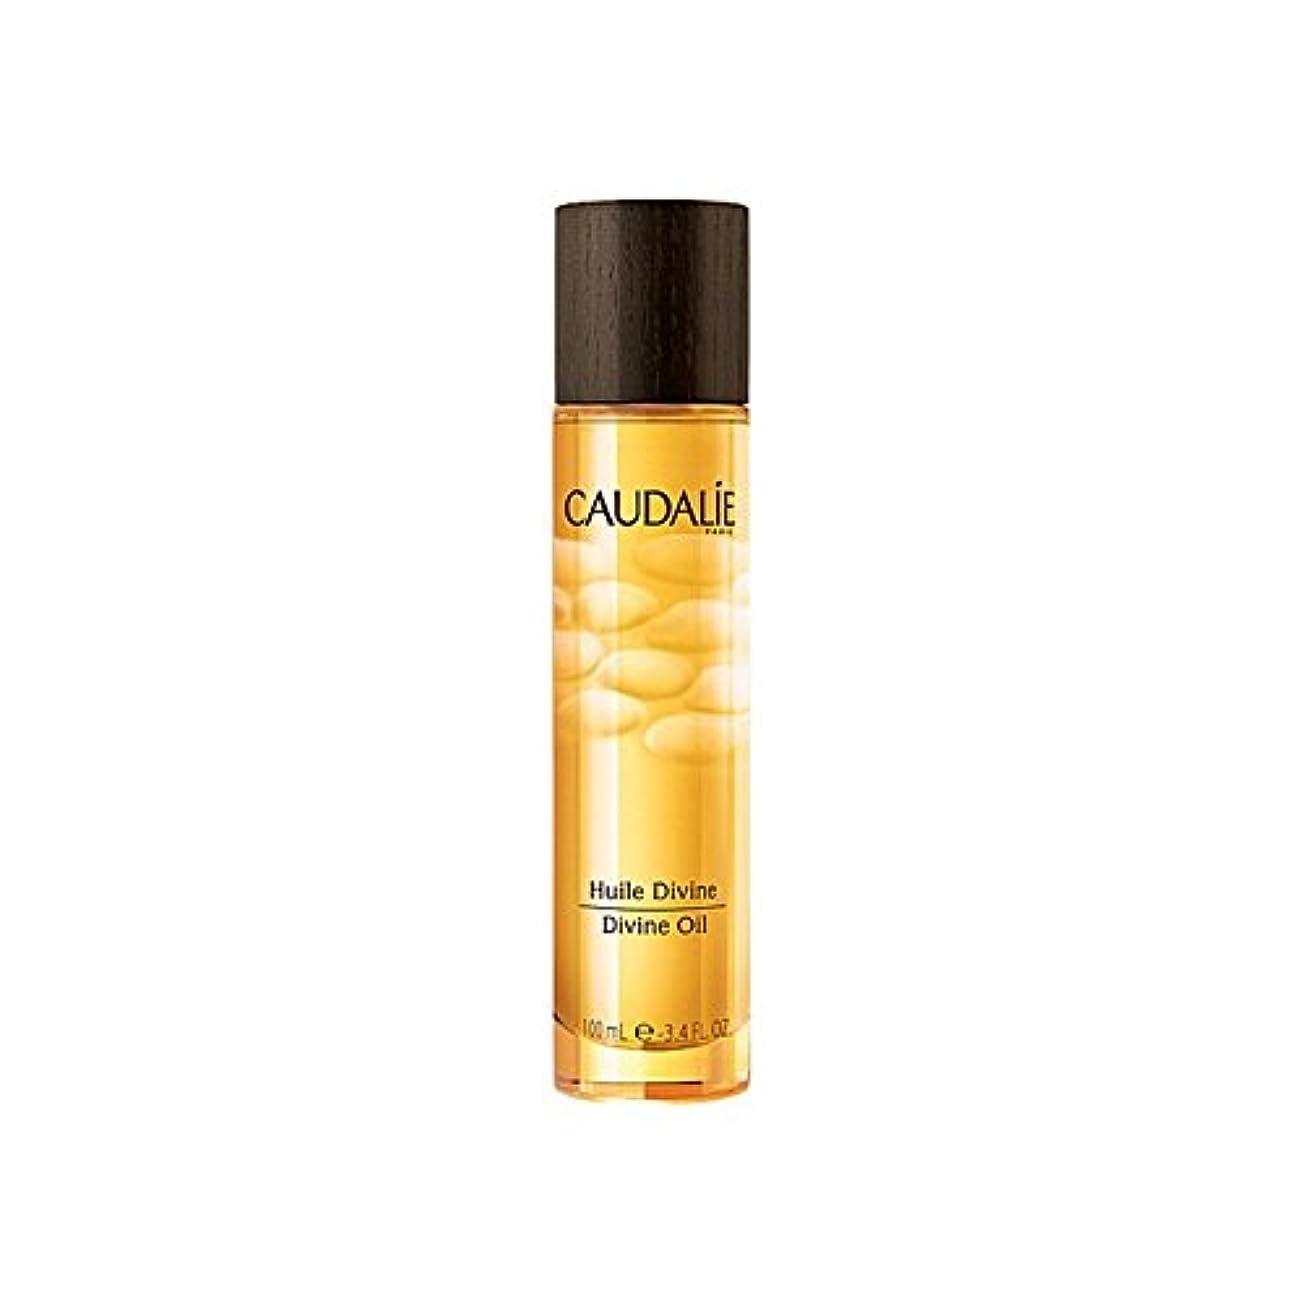 コーダリー神のオイル100ミリリットル x2 - Caudalie Divine Oil 100ml (Pack of 2) [並行輸入品]